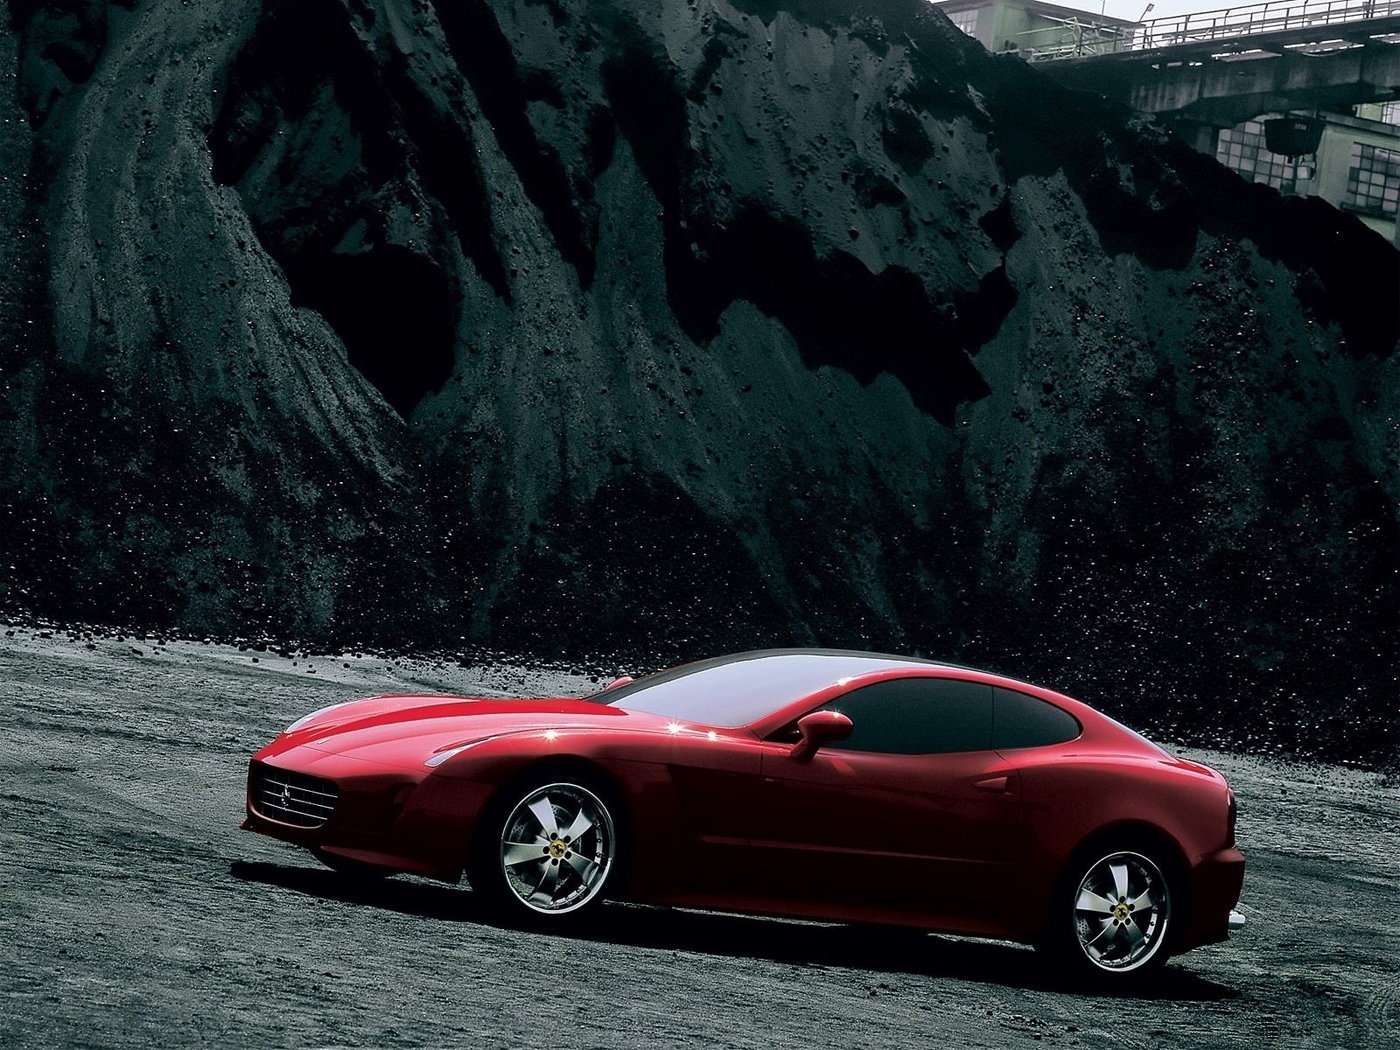 24937 скачать обои Транспорт, Машины, Феррари (Ferrari) - заставки и картинки бесплатно